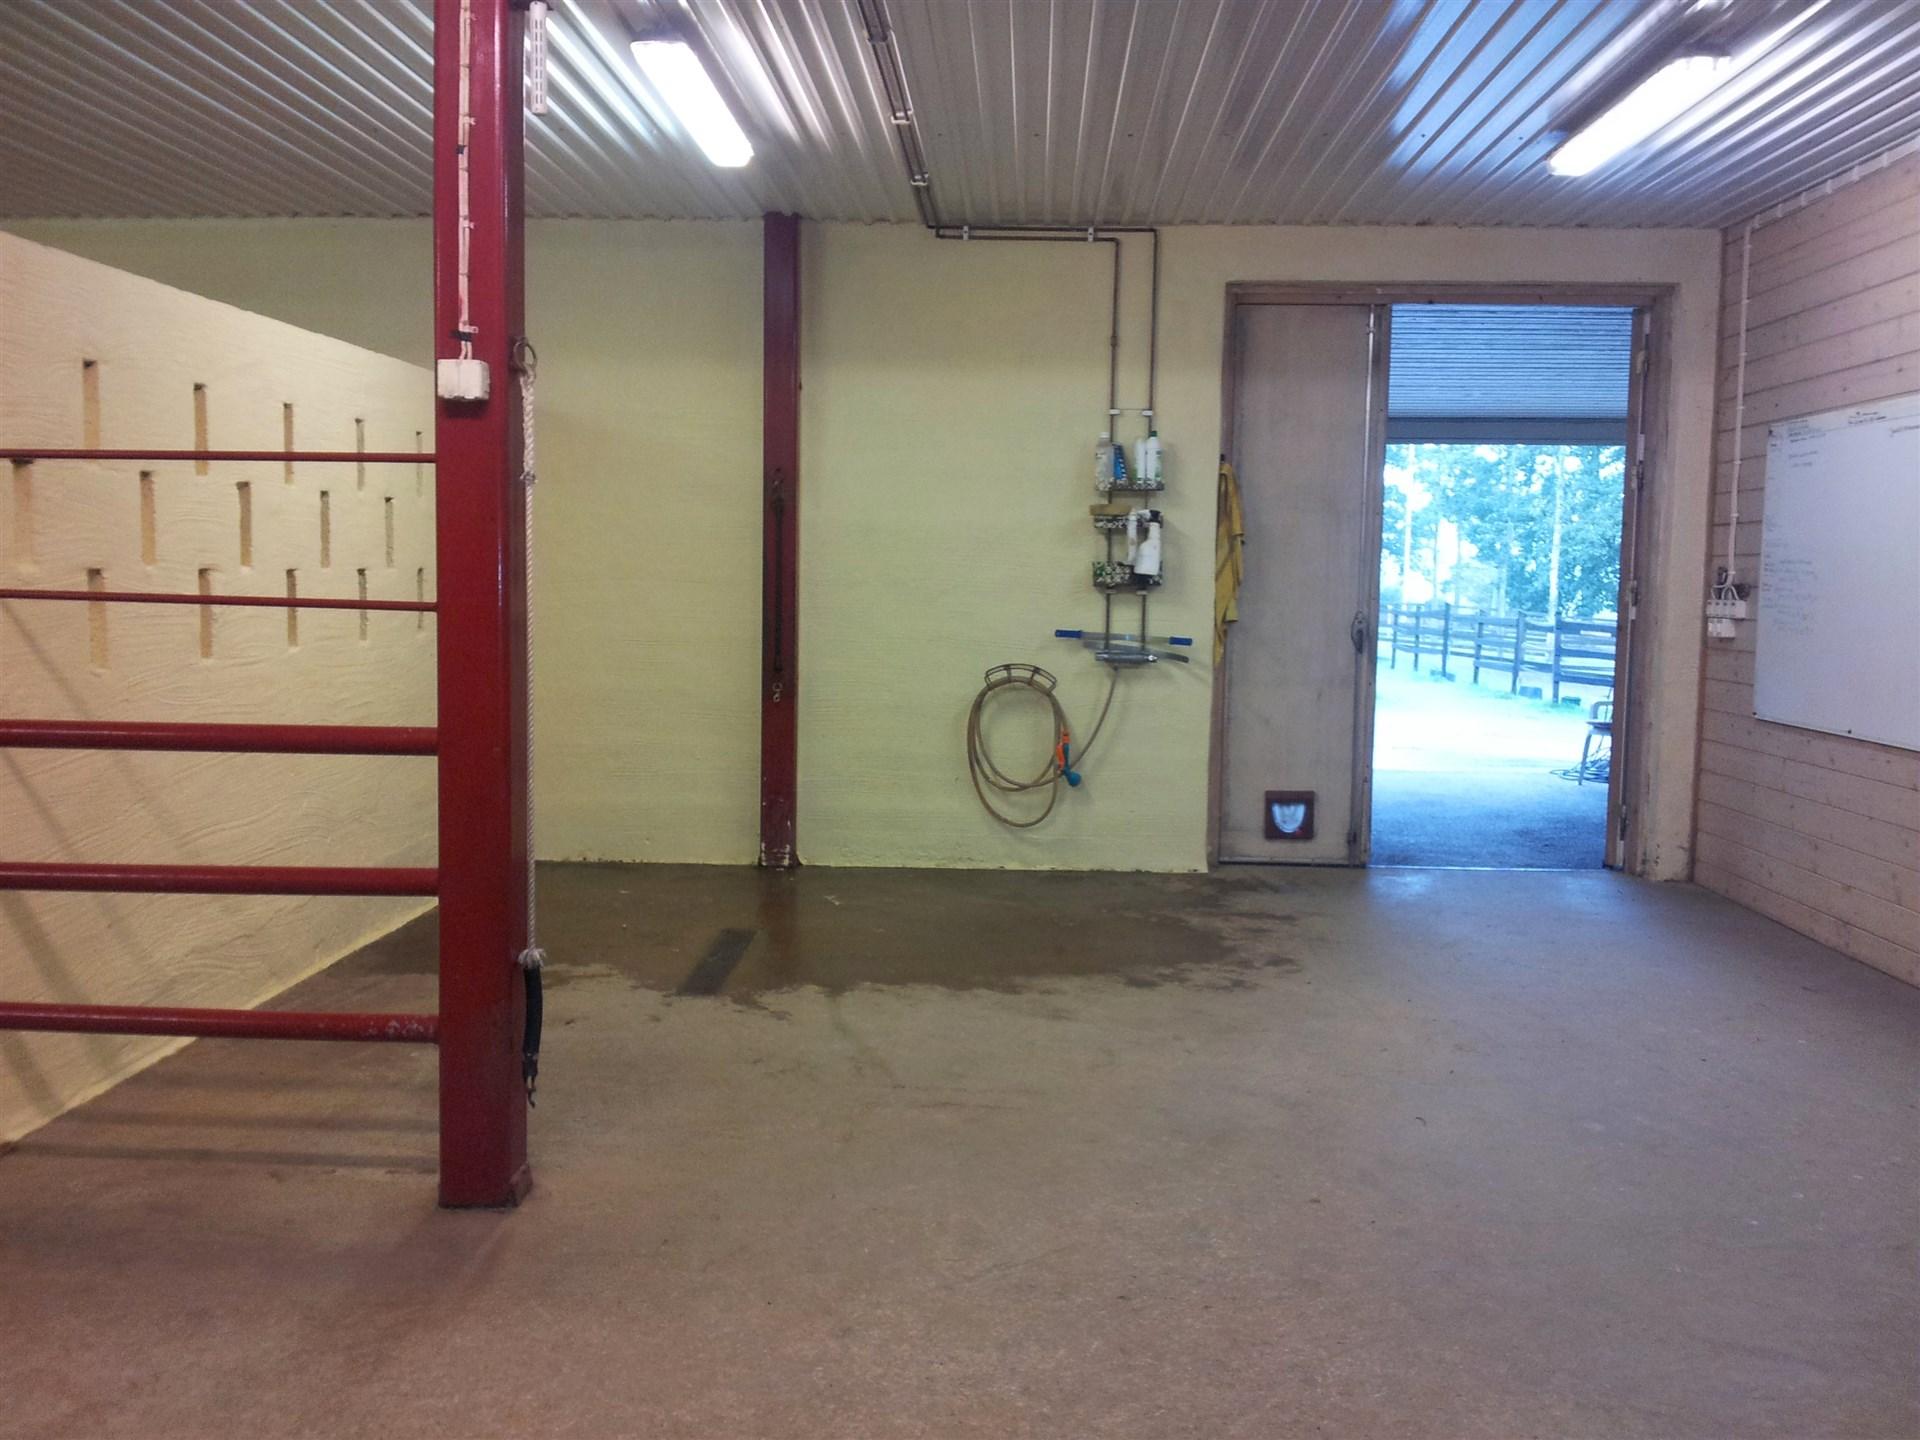 Ingång till stallet med intilliggande spolplatta (säljares bild)